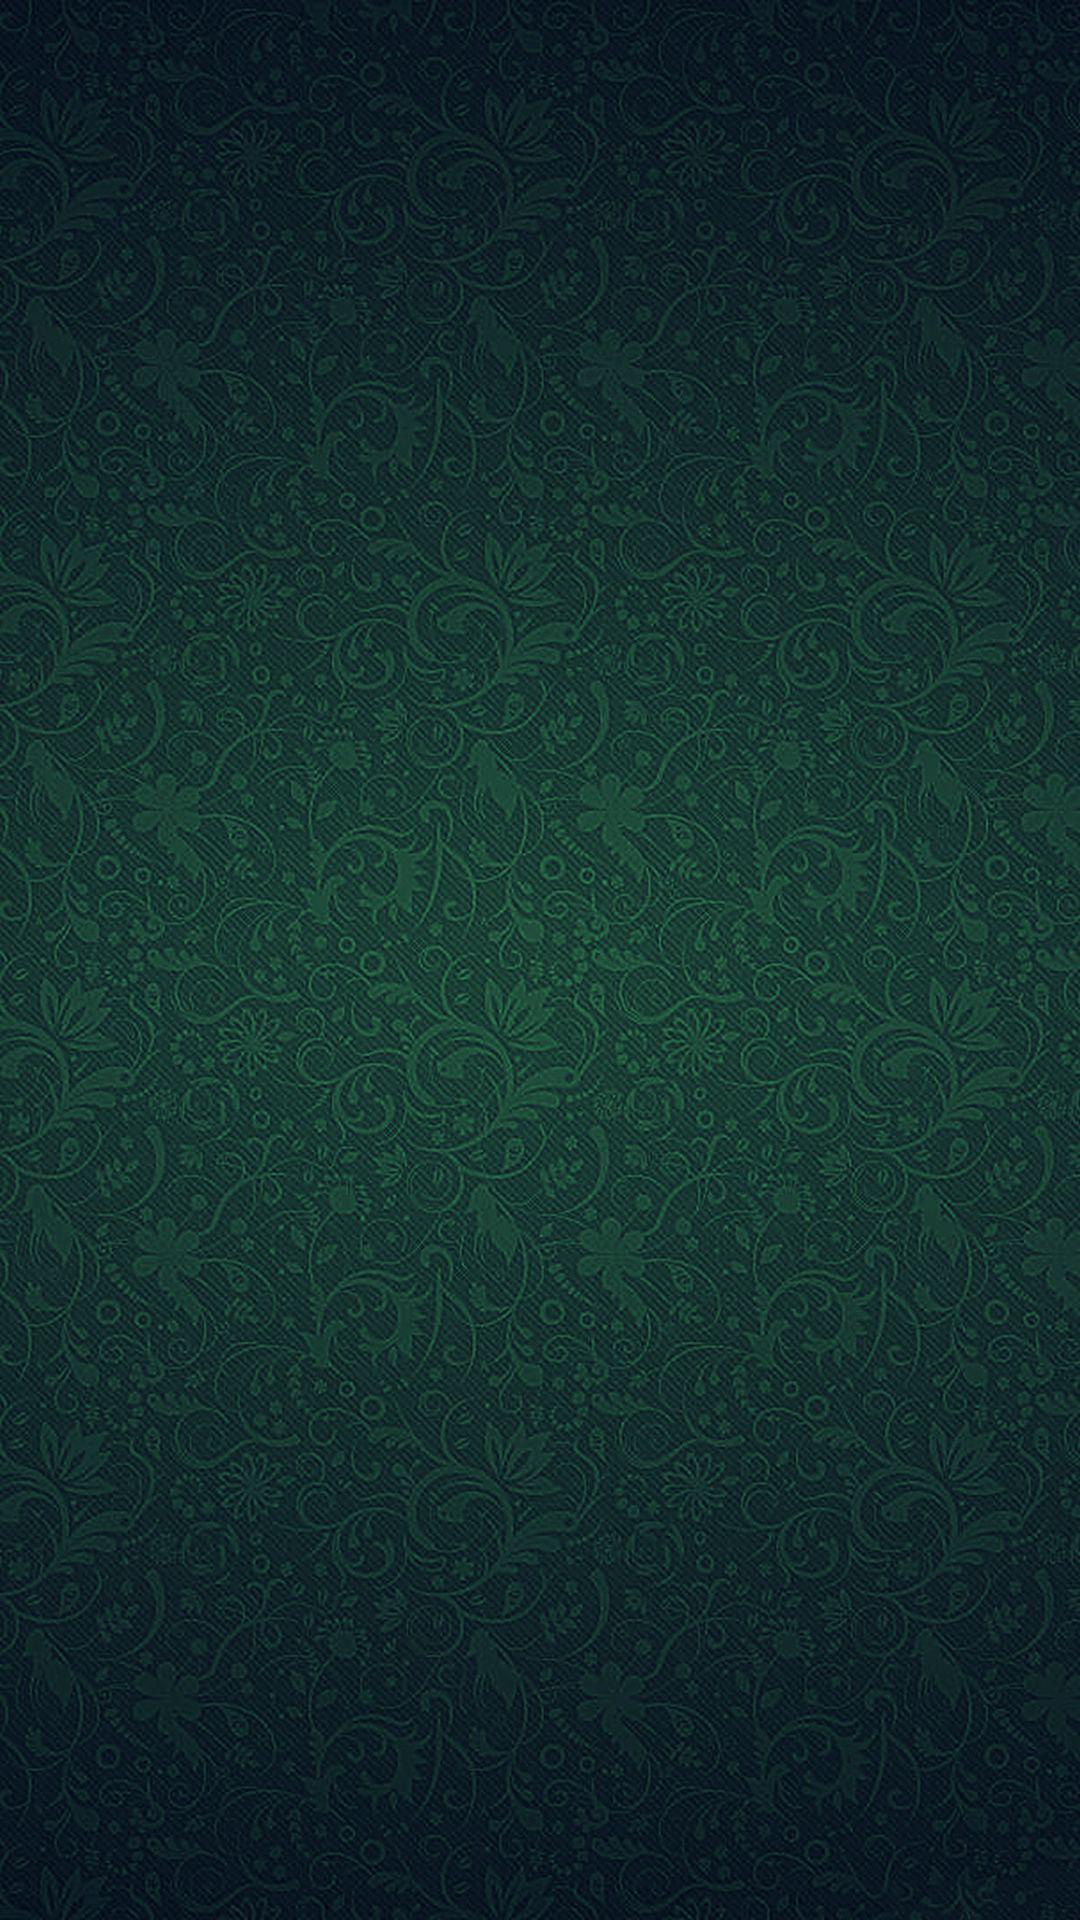 Grune Verzierung Textur Muster Iphone 8 Wallpaper Leaves Wallpaper Iphone Pretty Phone Wallpaper Textures Patterns Green android image hd wallpaper